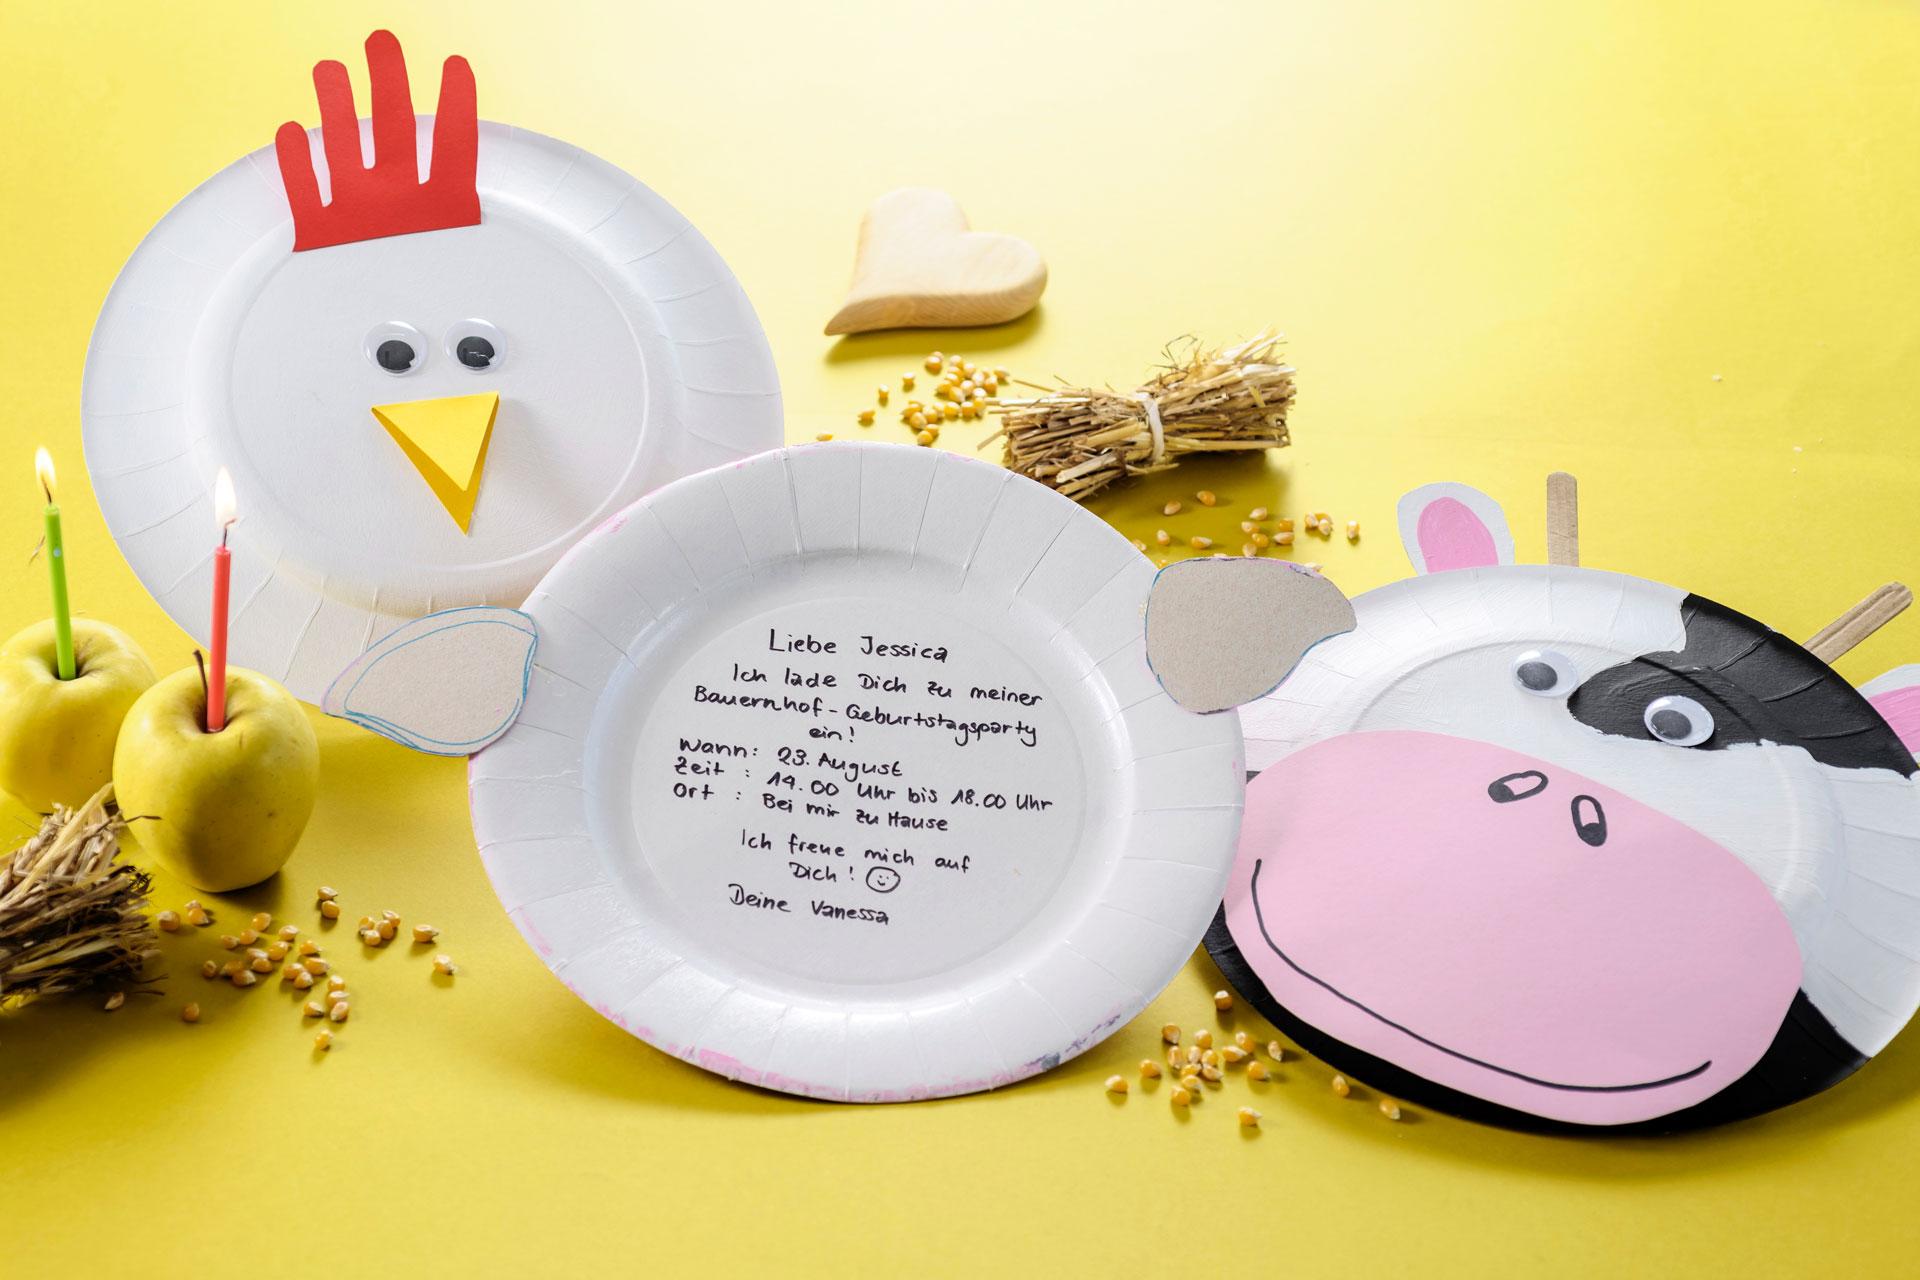 Eine Idee zum Basteln für die Einladung zum Kindergeburtstag: Lustige Tiergesichter aus Papptellern mit kleinen Strohballen und Äpfeln